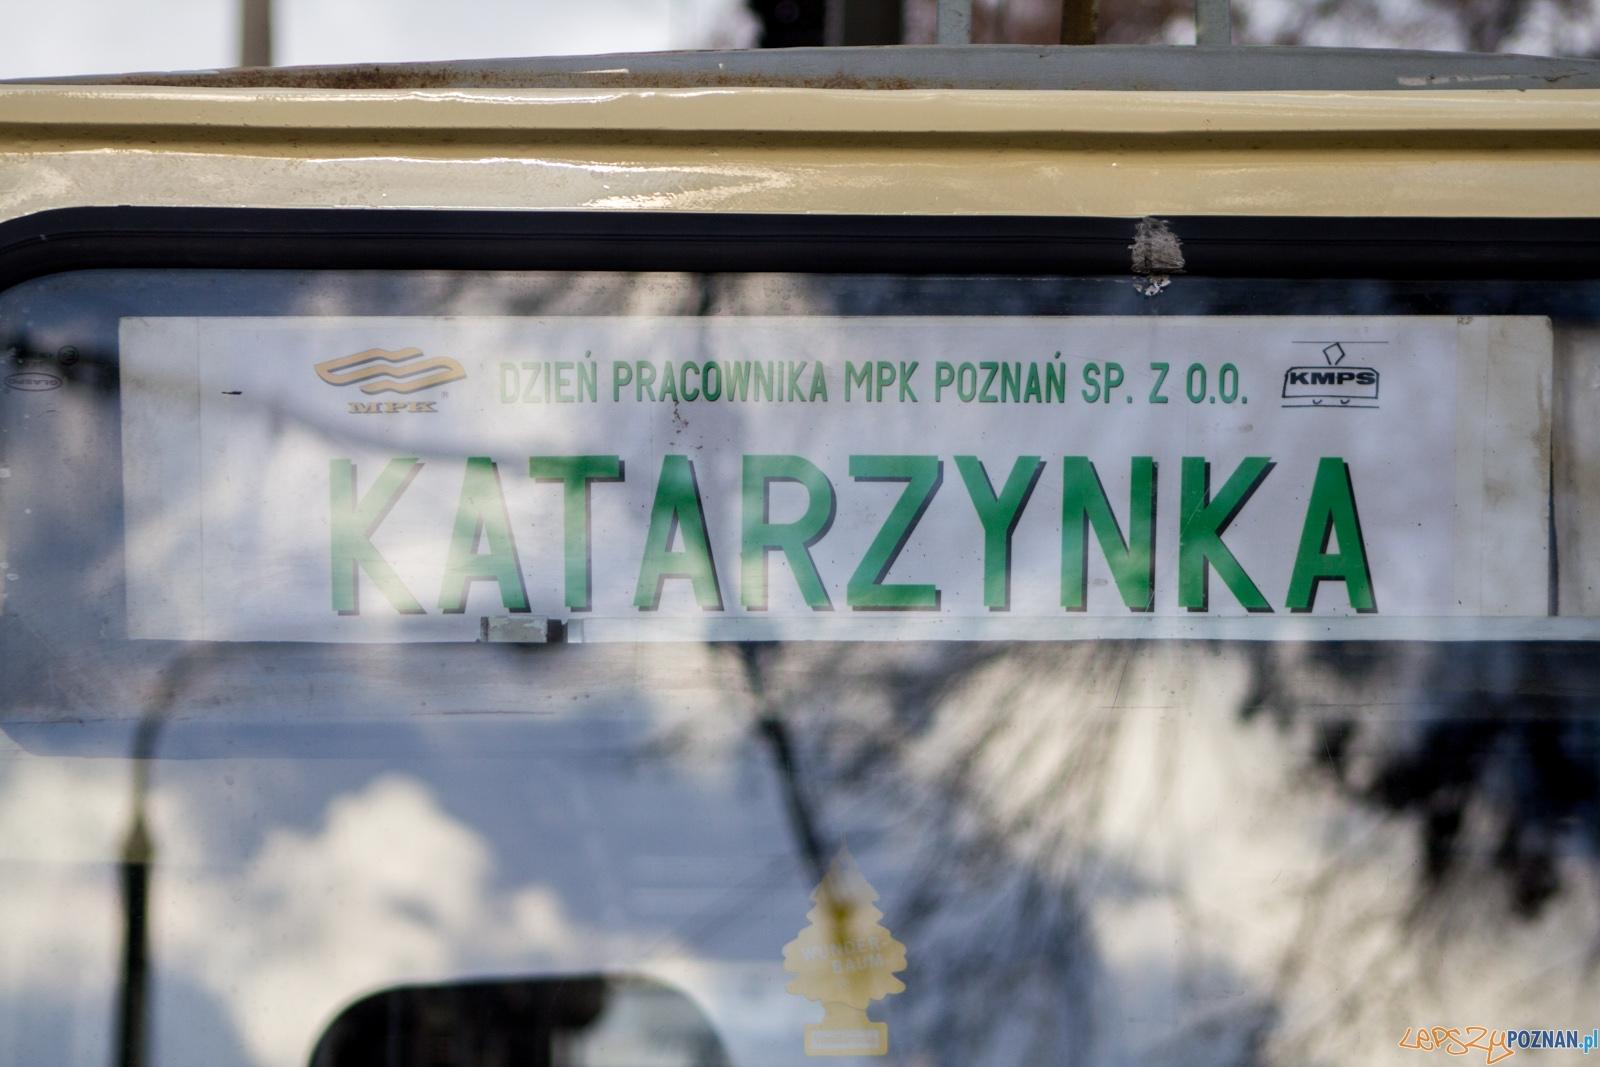 lp-3982  Foto: Ewelina Jaśkowiak